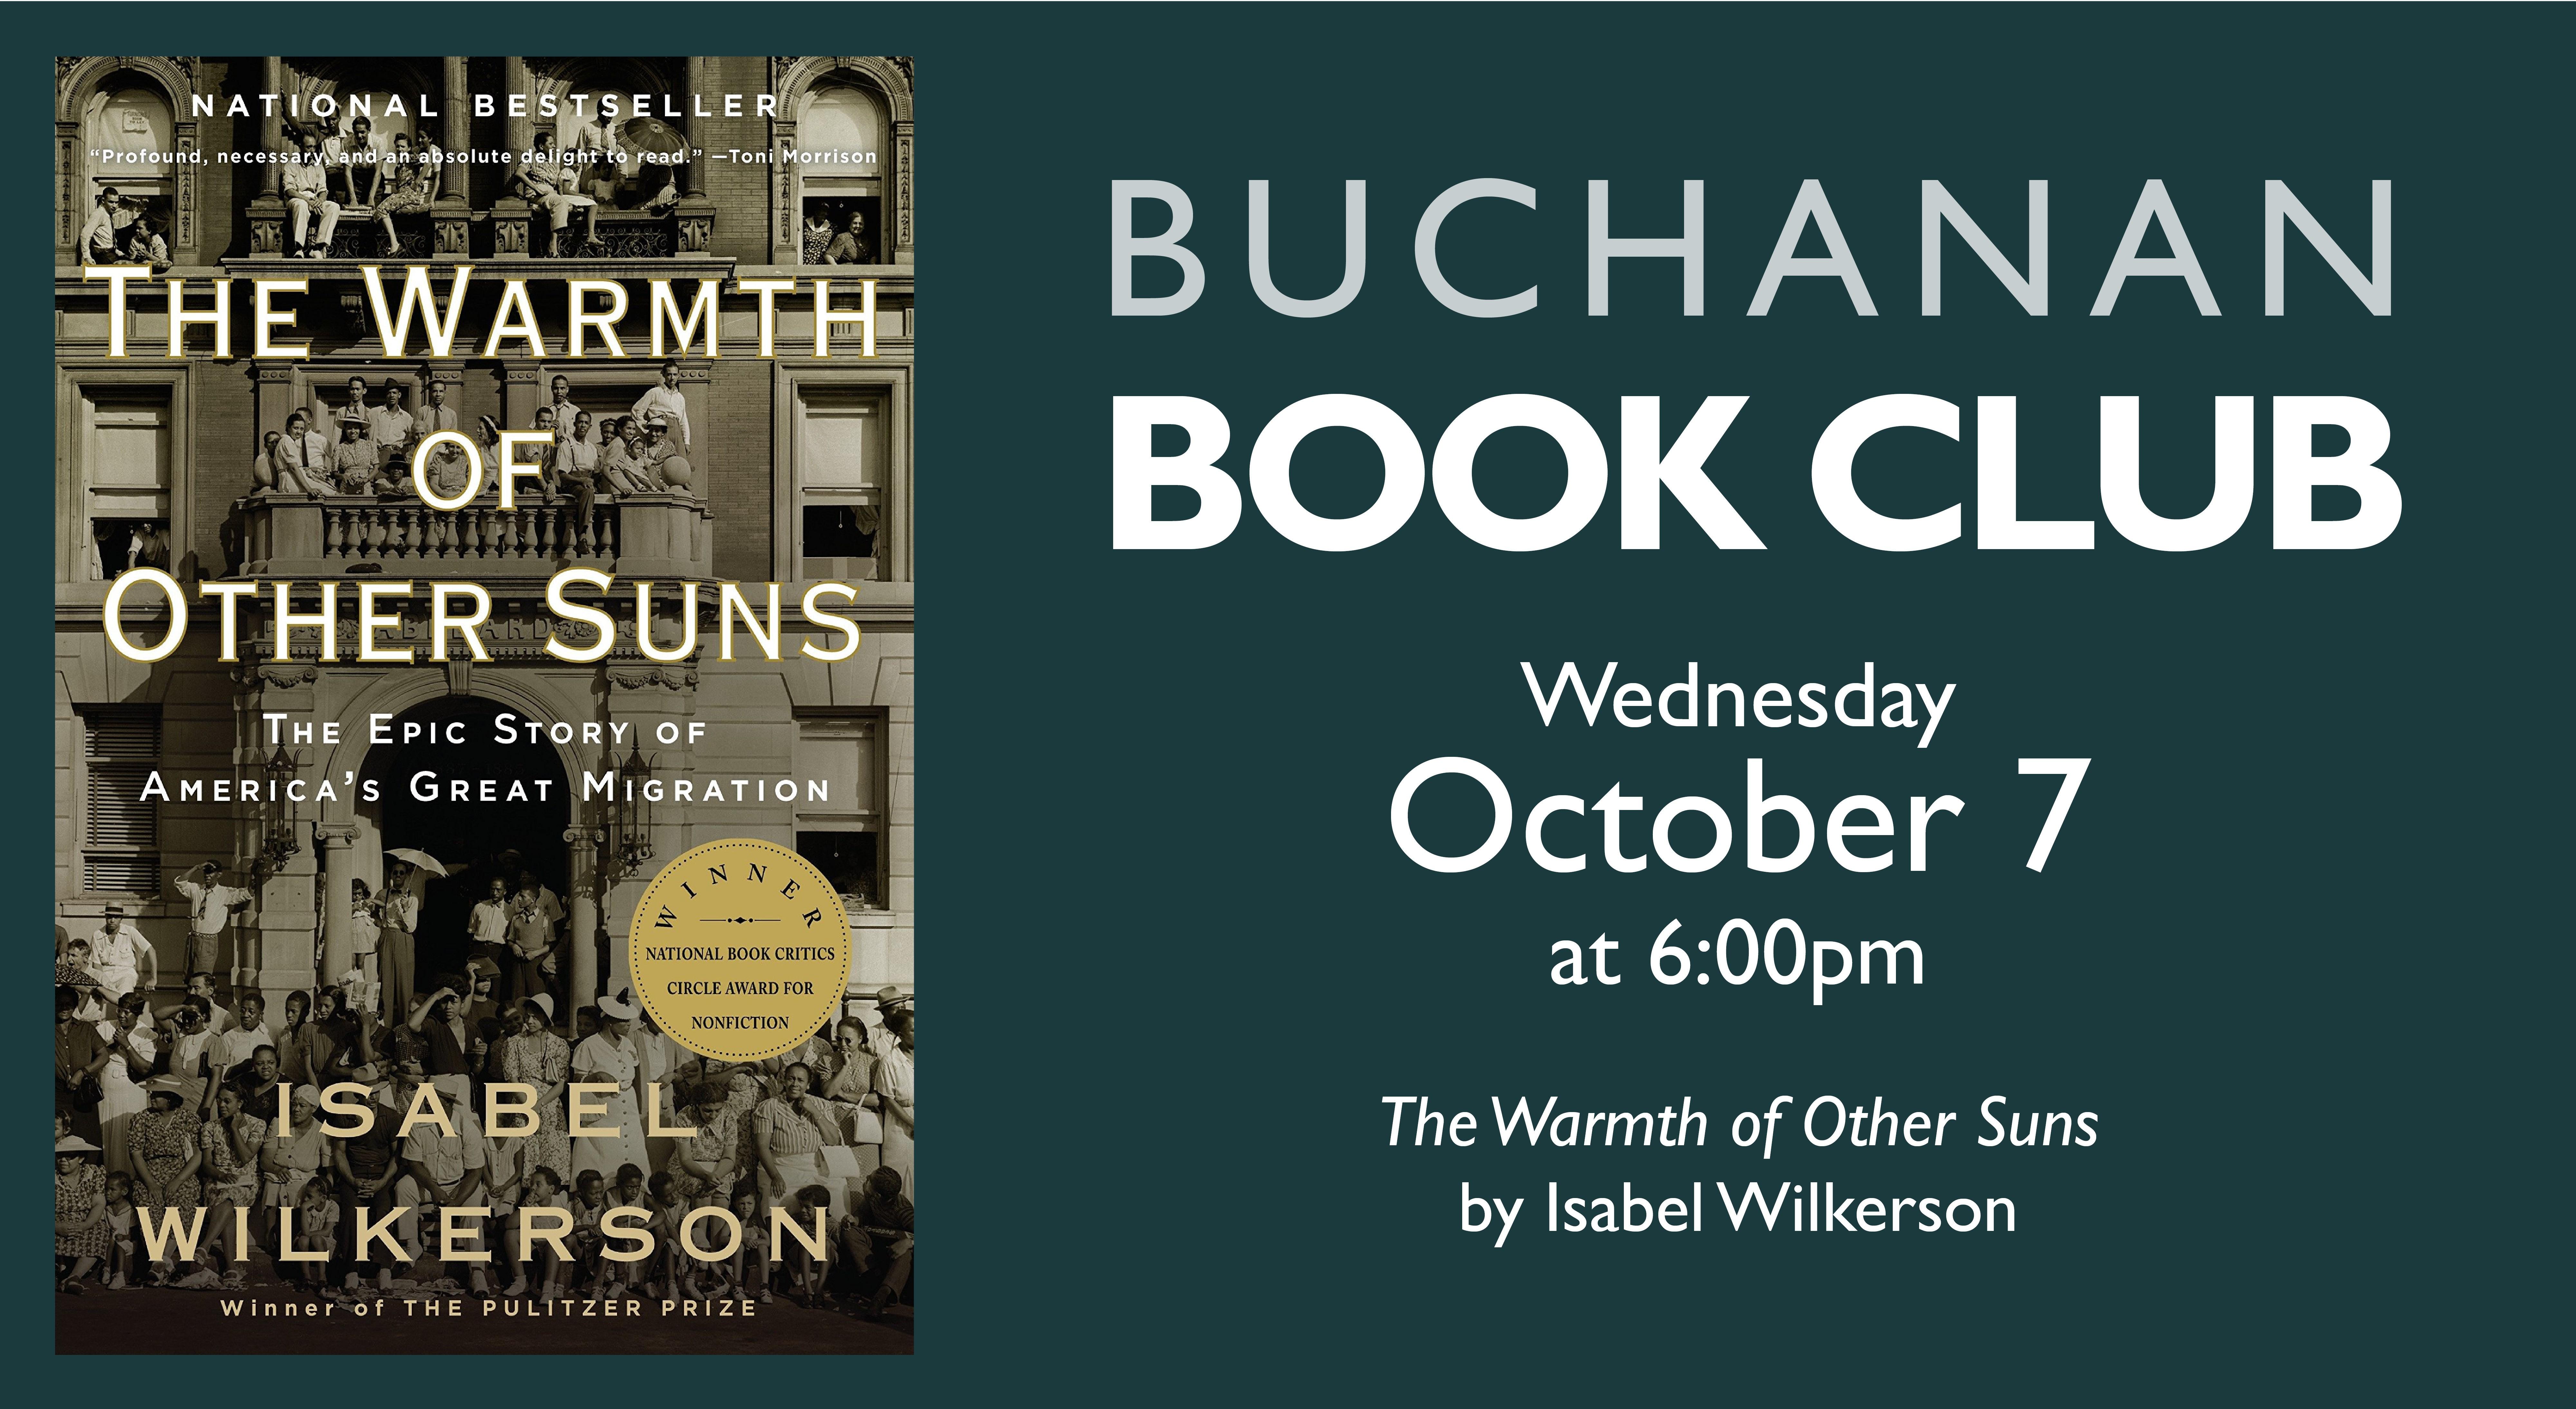 buchanan book club.jpg